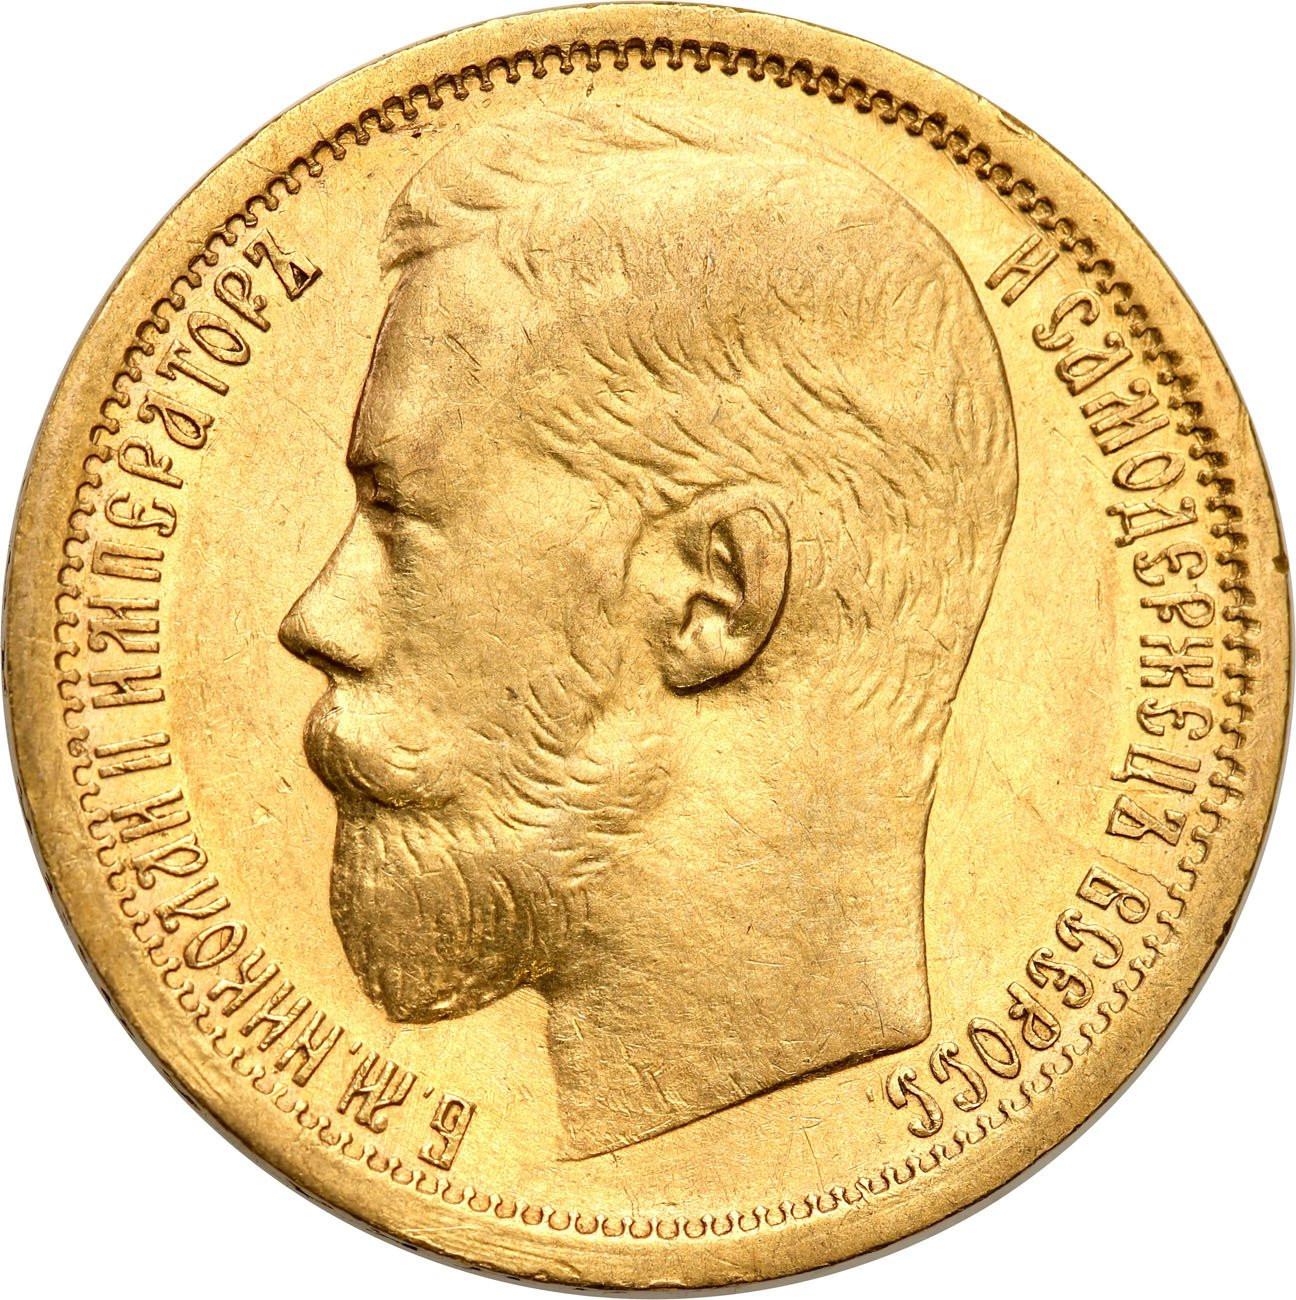 Rosja. Mikołaj II. 15 rubli 1897 СПБ АГ, Petersburg, typ I